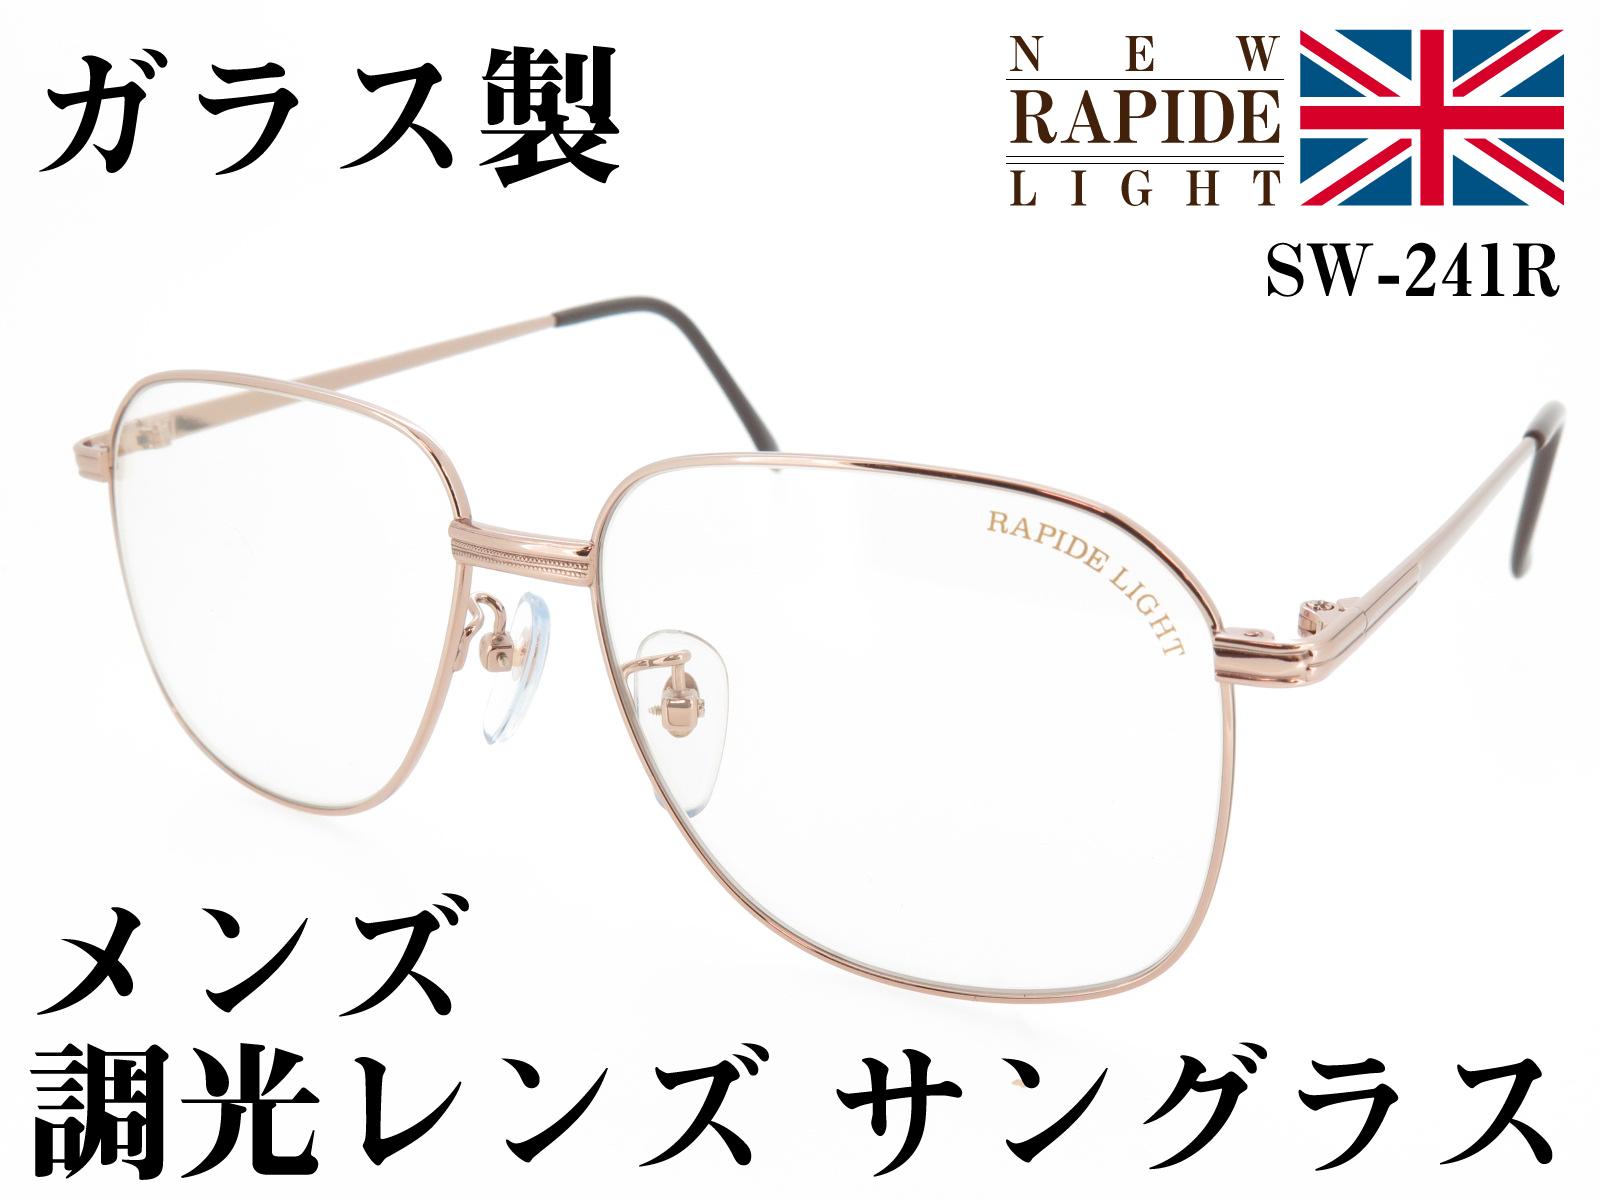 SUNWARD ガラス 調光レンズ サングラス ラピード メンズ フルリム SW241R